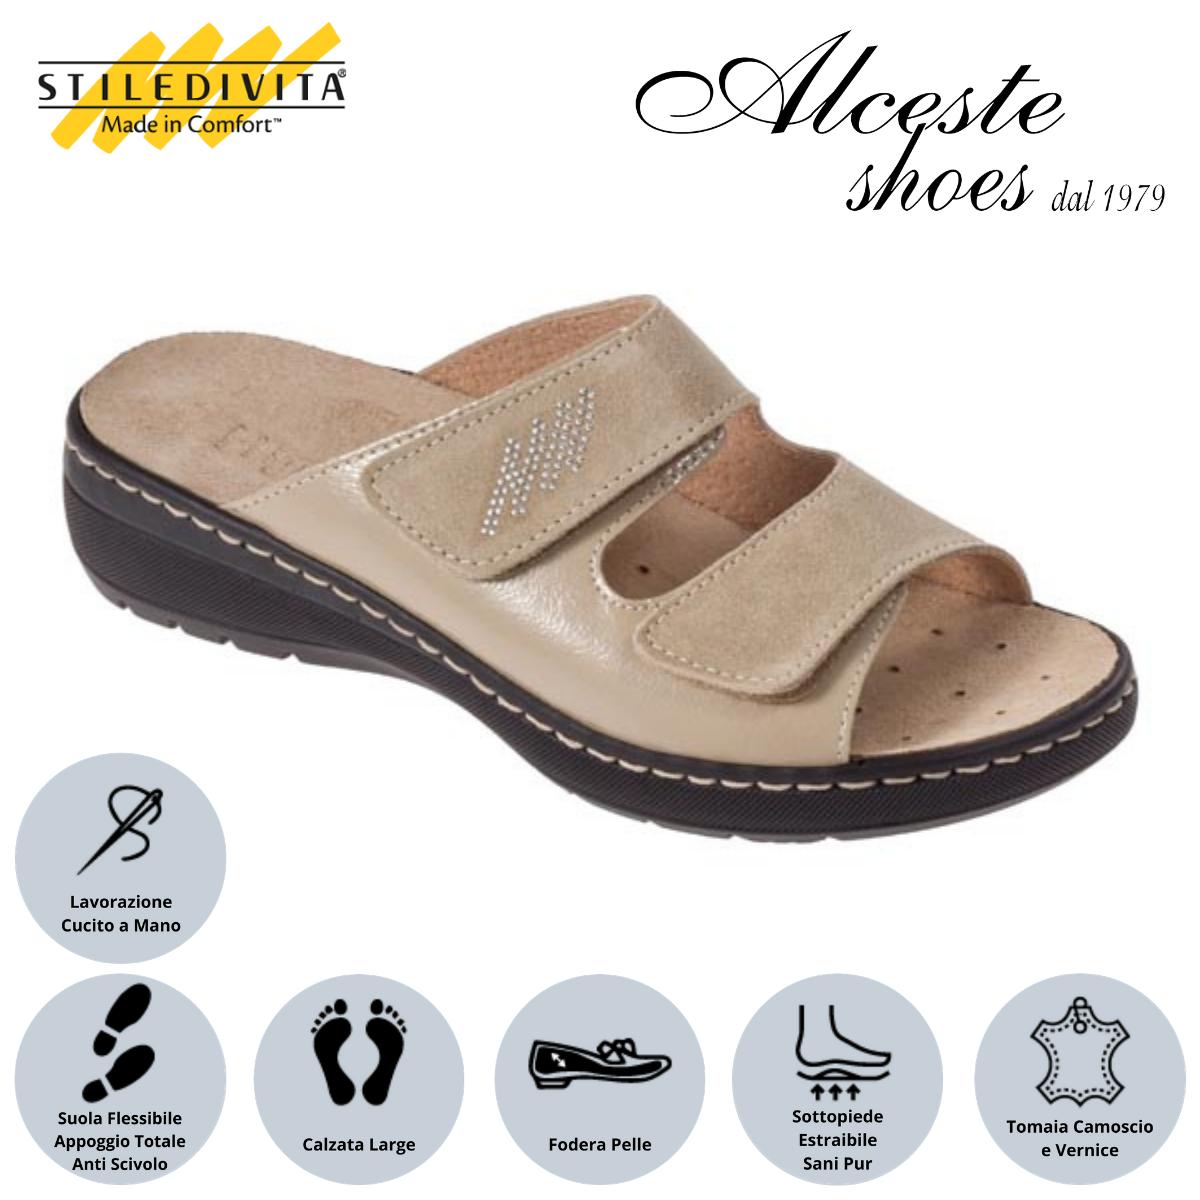 Ciabatta con Strappi e Sottopiede Estraibile Stiledivita Art. 8226 Vernice e Camoscio Beige Alceste Shoes 5